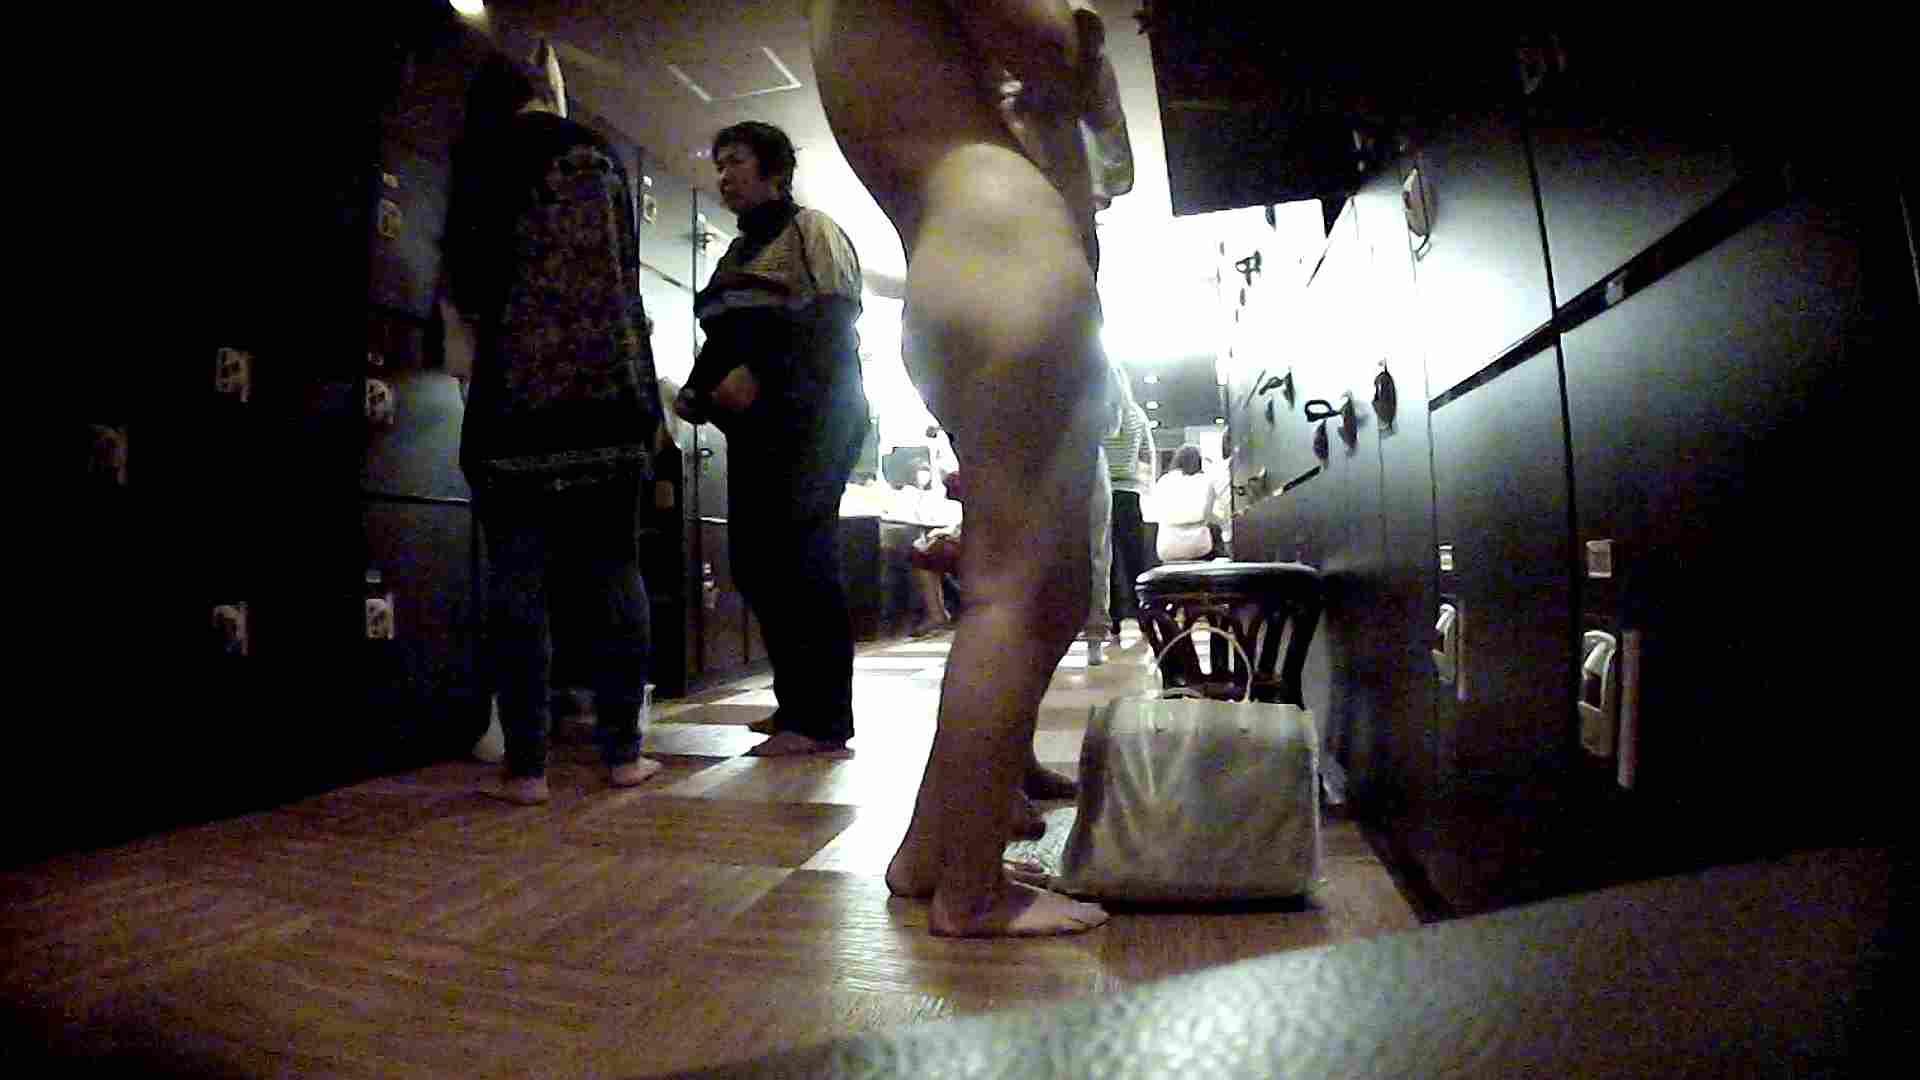 脱衣所!オムニバス 大混雑!注目はあの人の御御足でしょう。 女湯のぞき オマンコ無修正動画無料 109枚 96